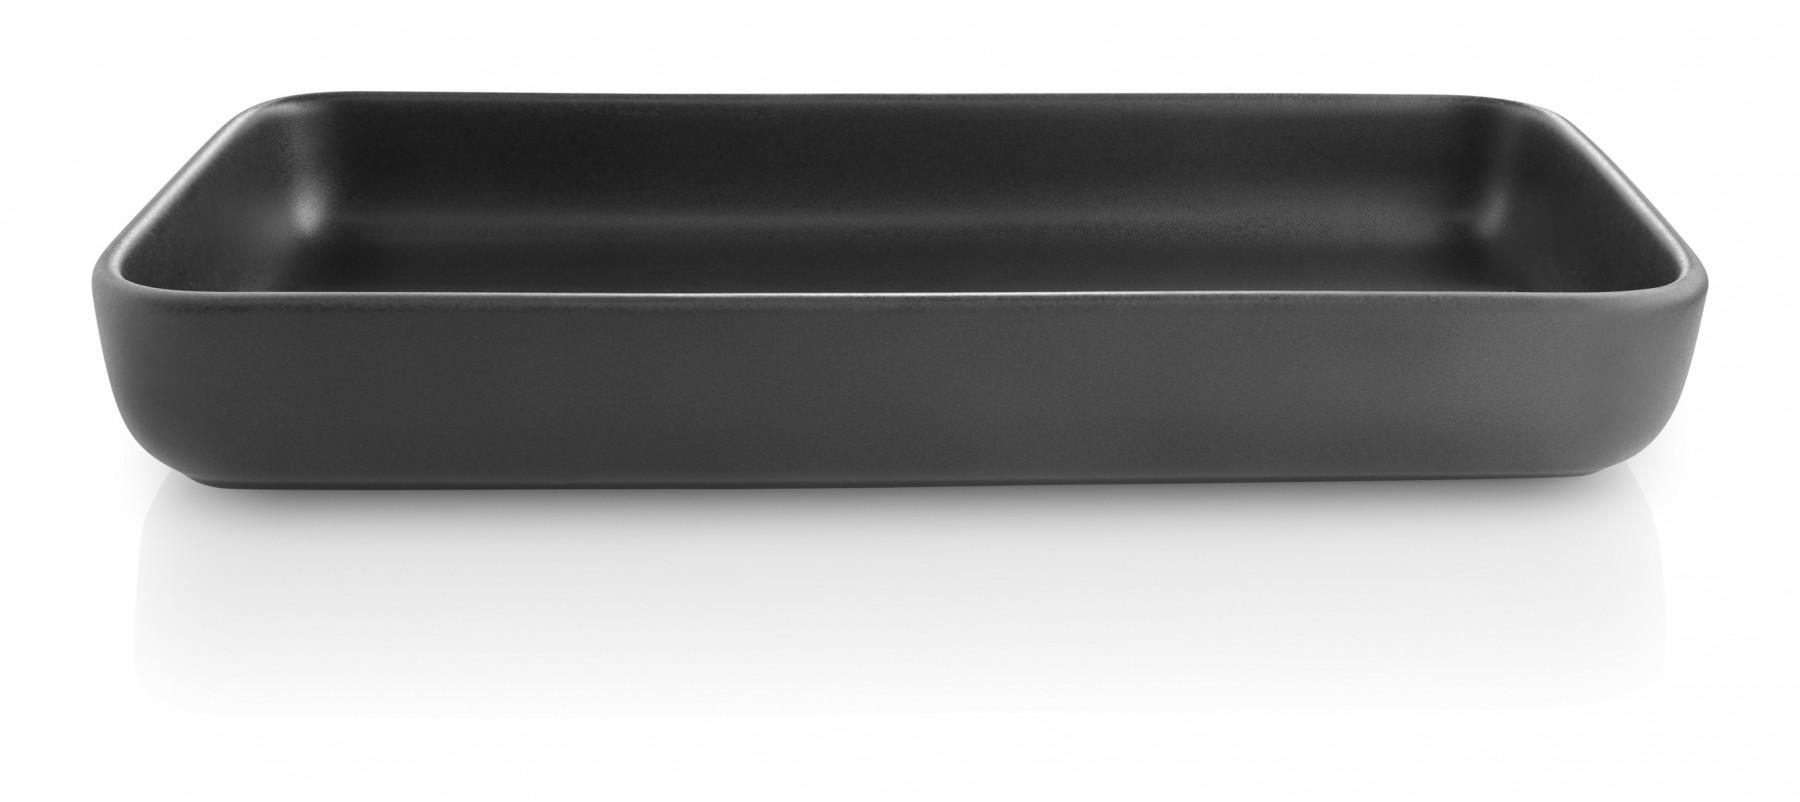 eva solo - Servierplatte - 12x24cm, 502779, 5706631201582